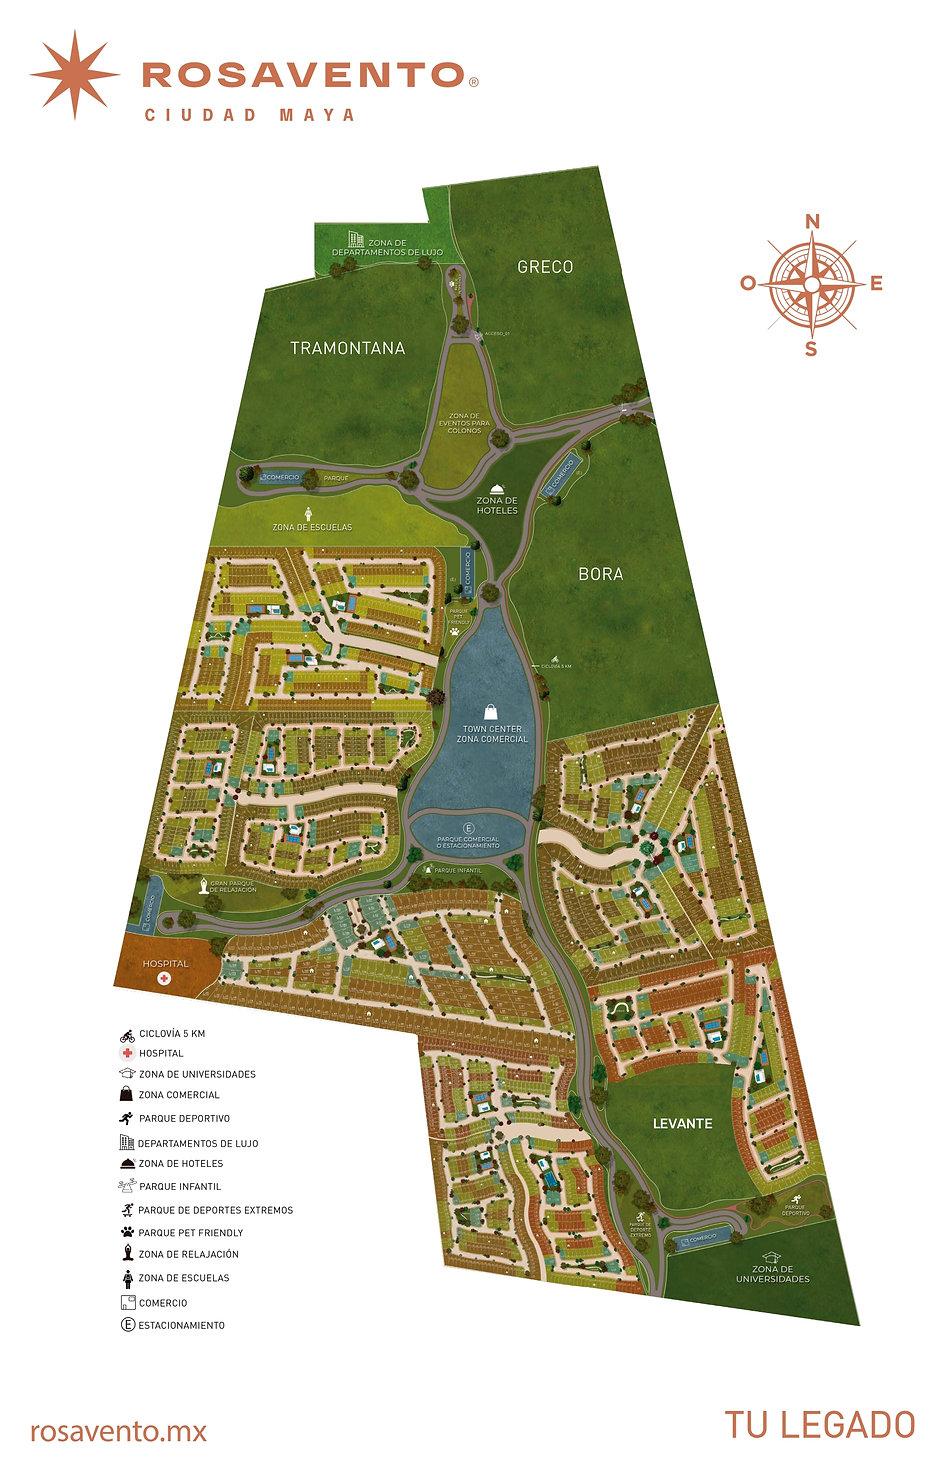 Rosavento_Master Plan actual 1.jpg